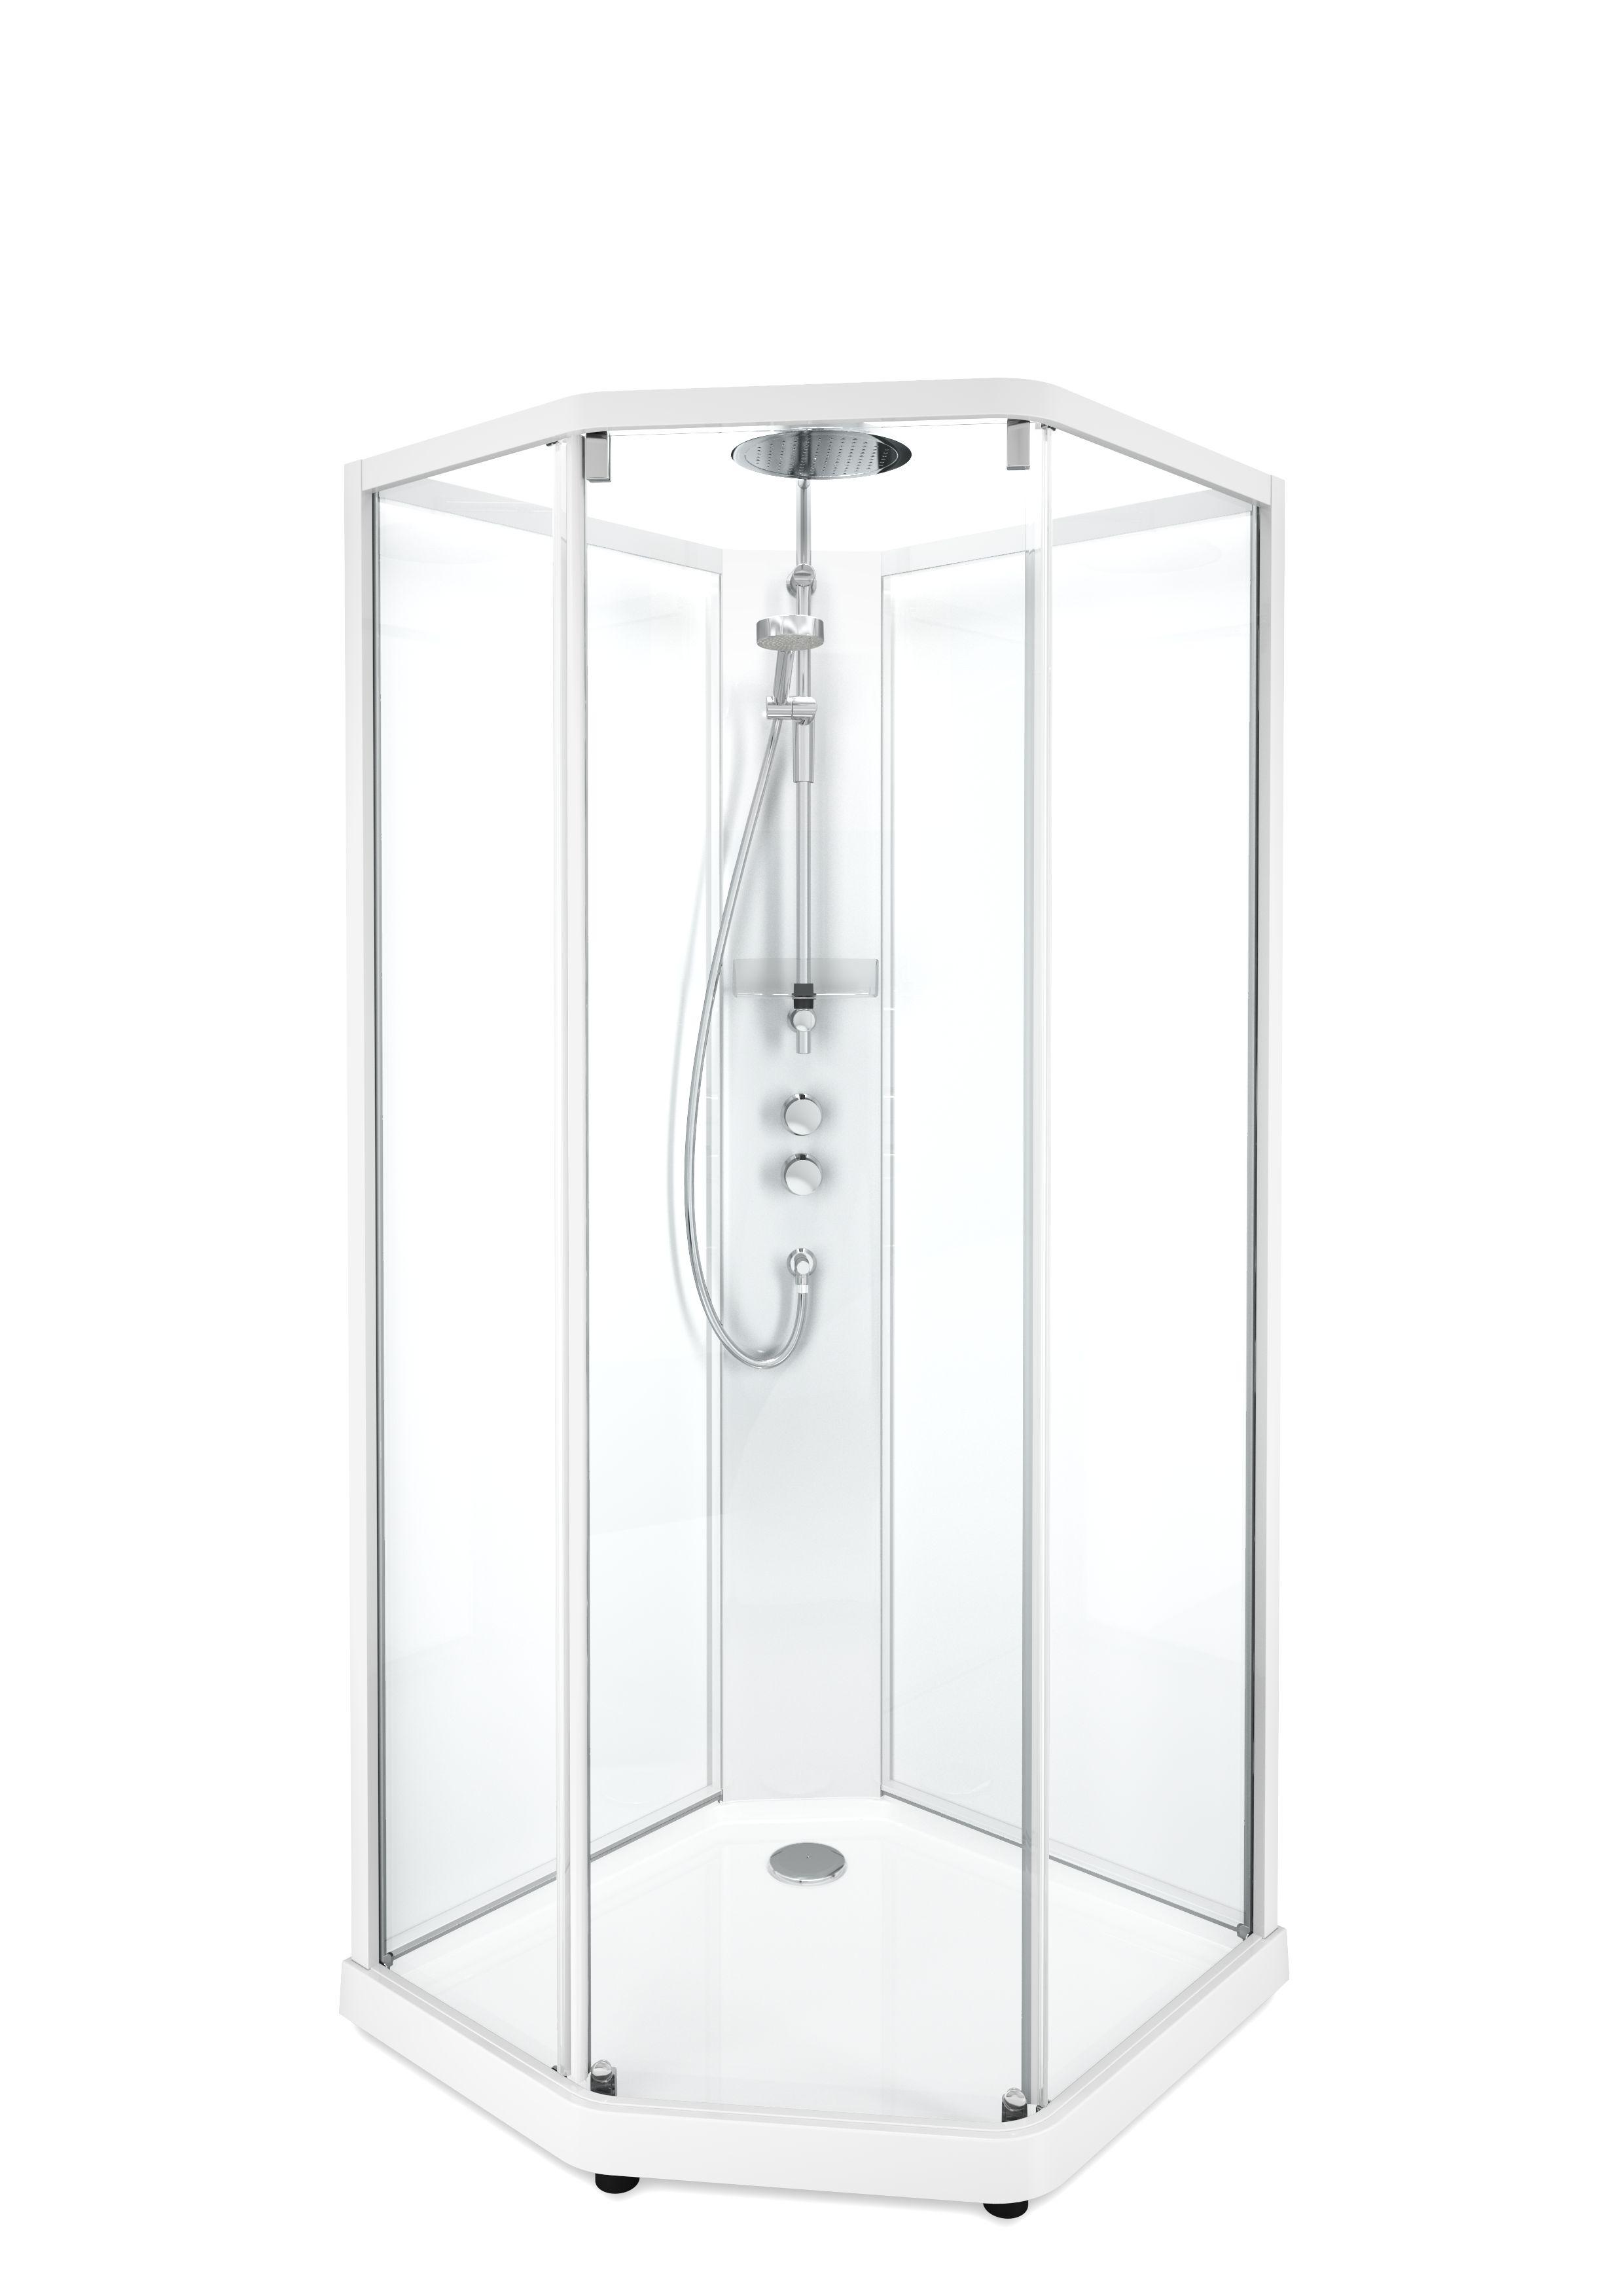 Душевая кабина IDO Showerama 10-5 Comfort, 90х90x215 см, стекло прозрачное, профиль белый